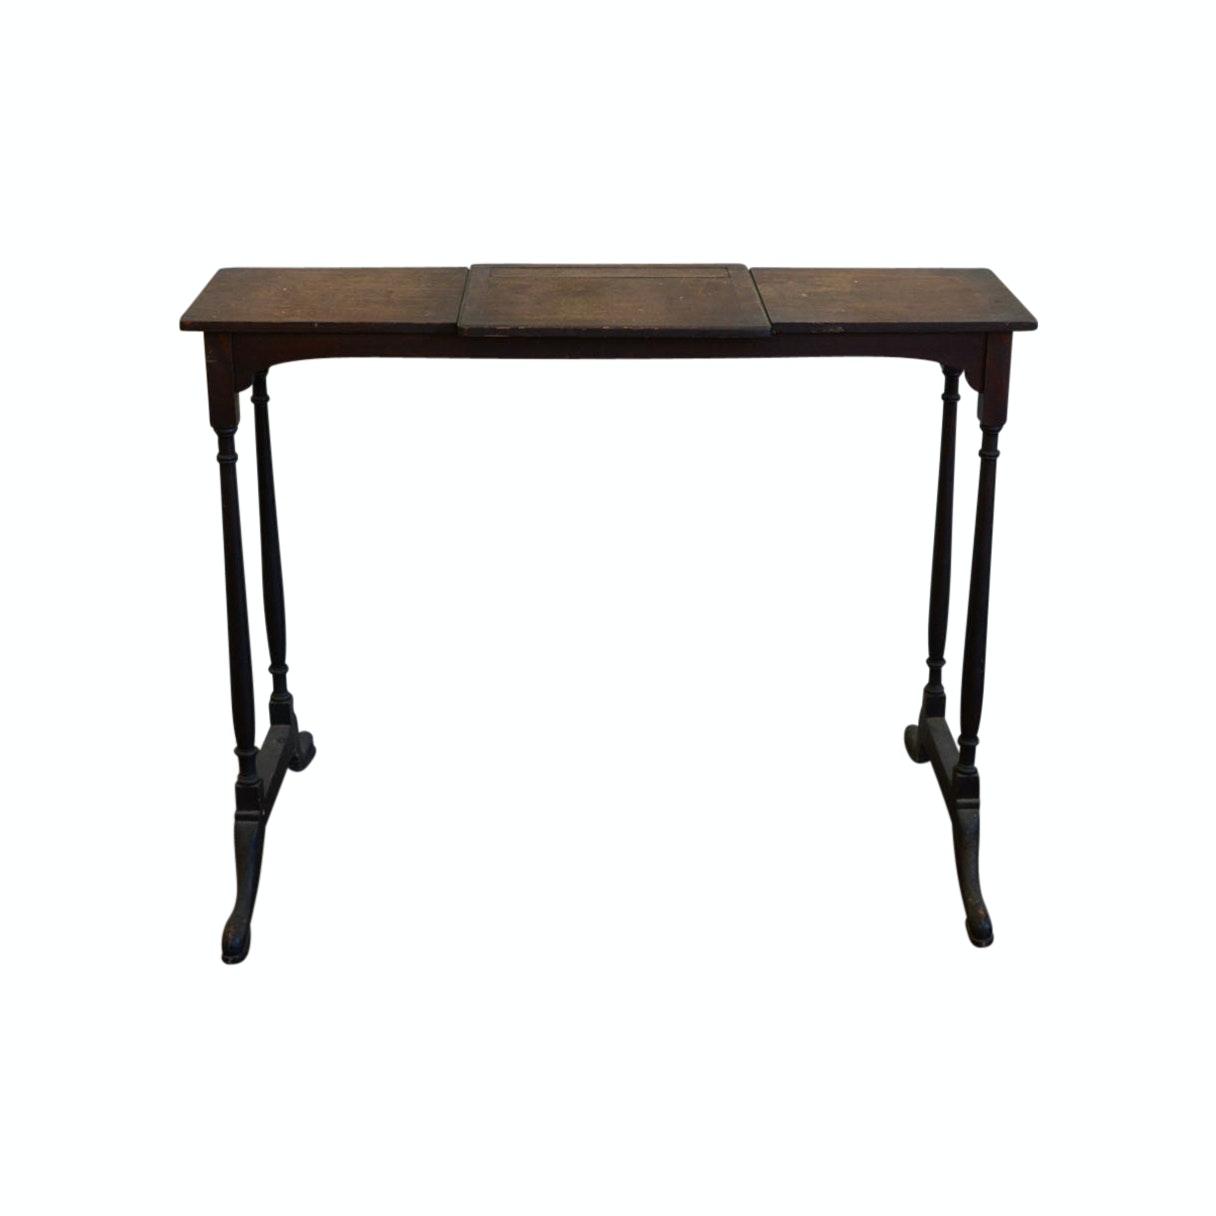 Vintage Adjustable Walnut Lectern Table